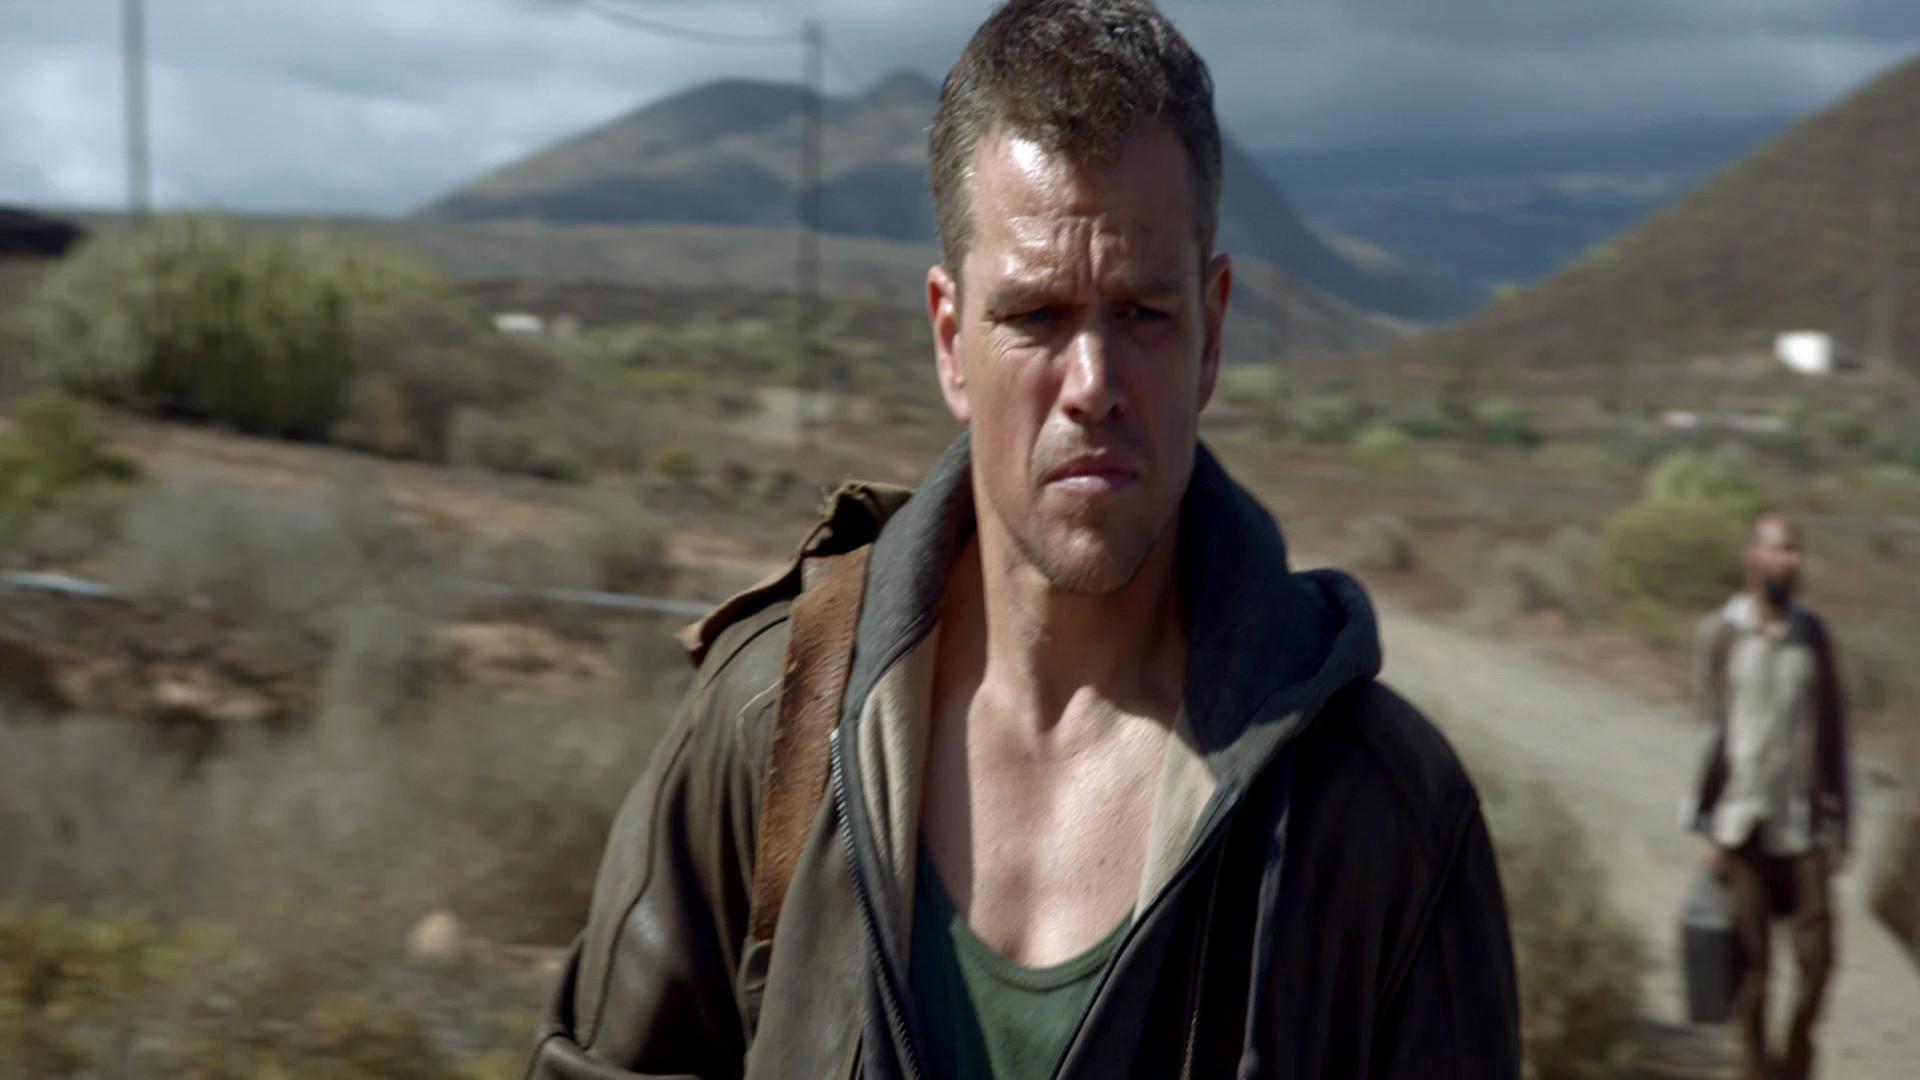 Res: 1920x1080, First images of Jason Bourne starring Matt Damon